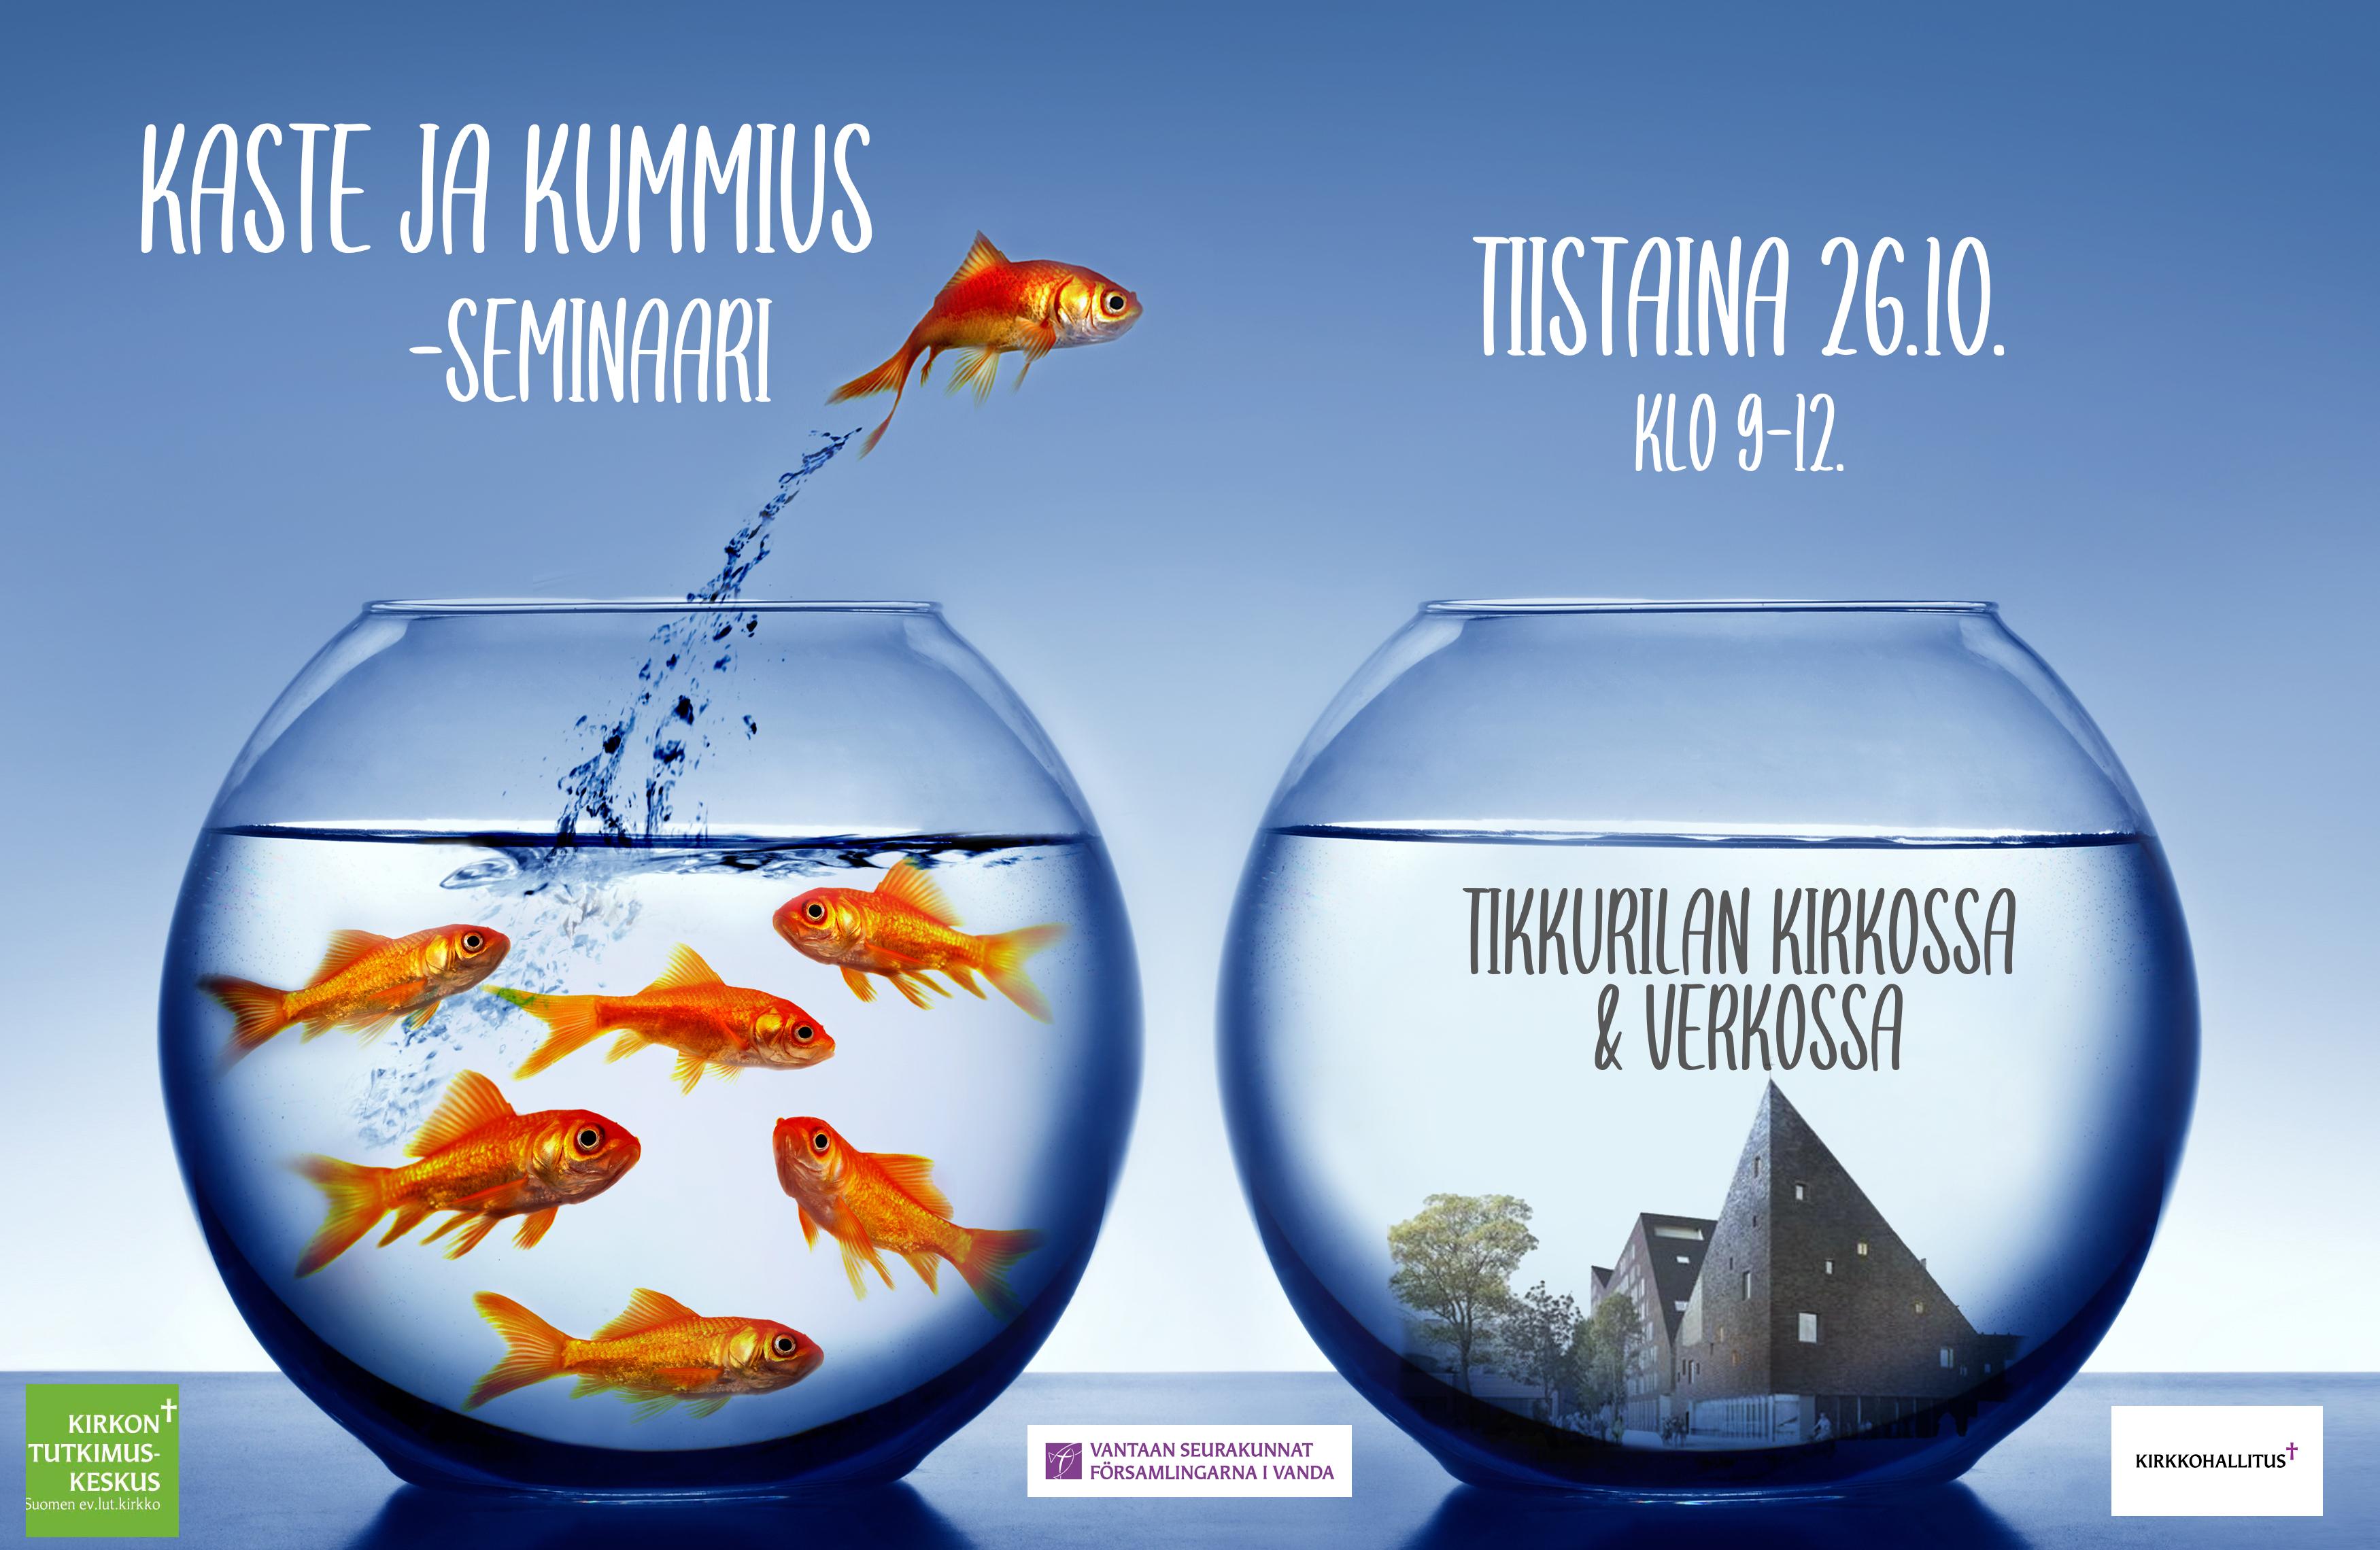 Kaste ja kummius -seminaari Vantaalla ja verkossa syksyllä 26.10. klo 9-12